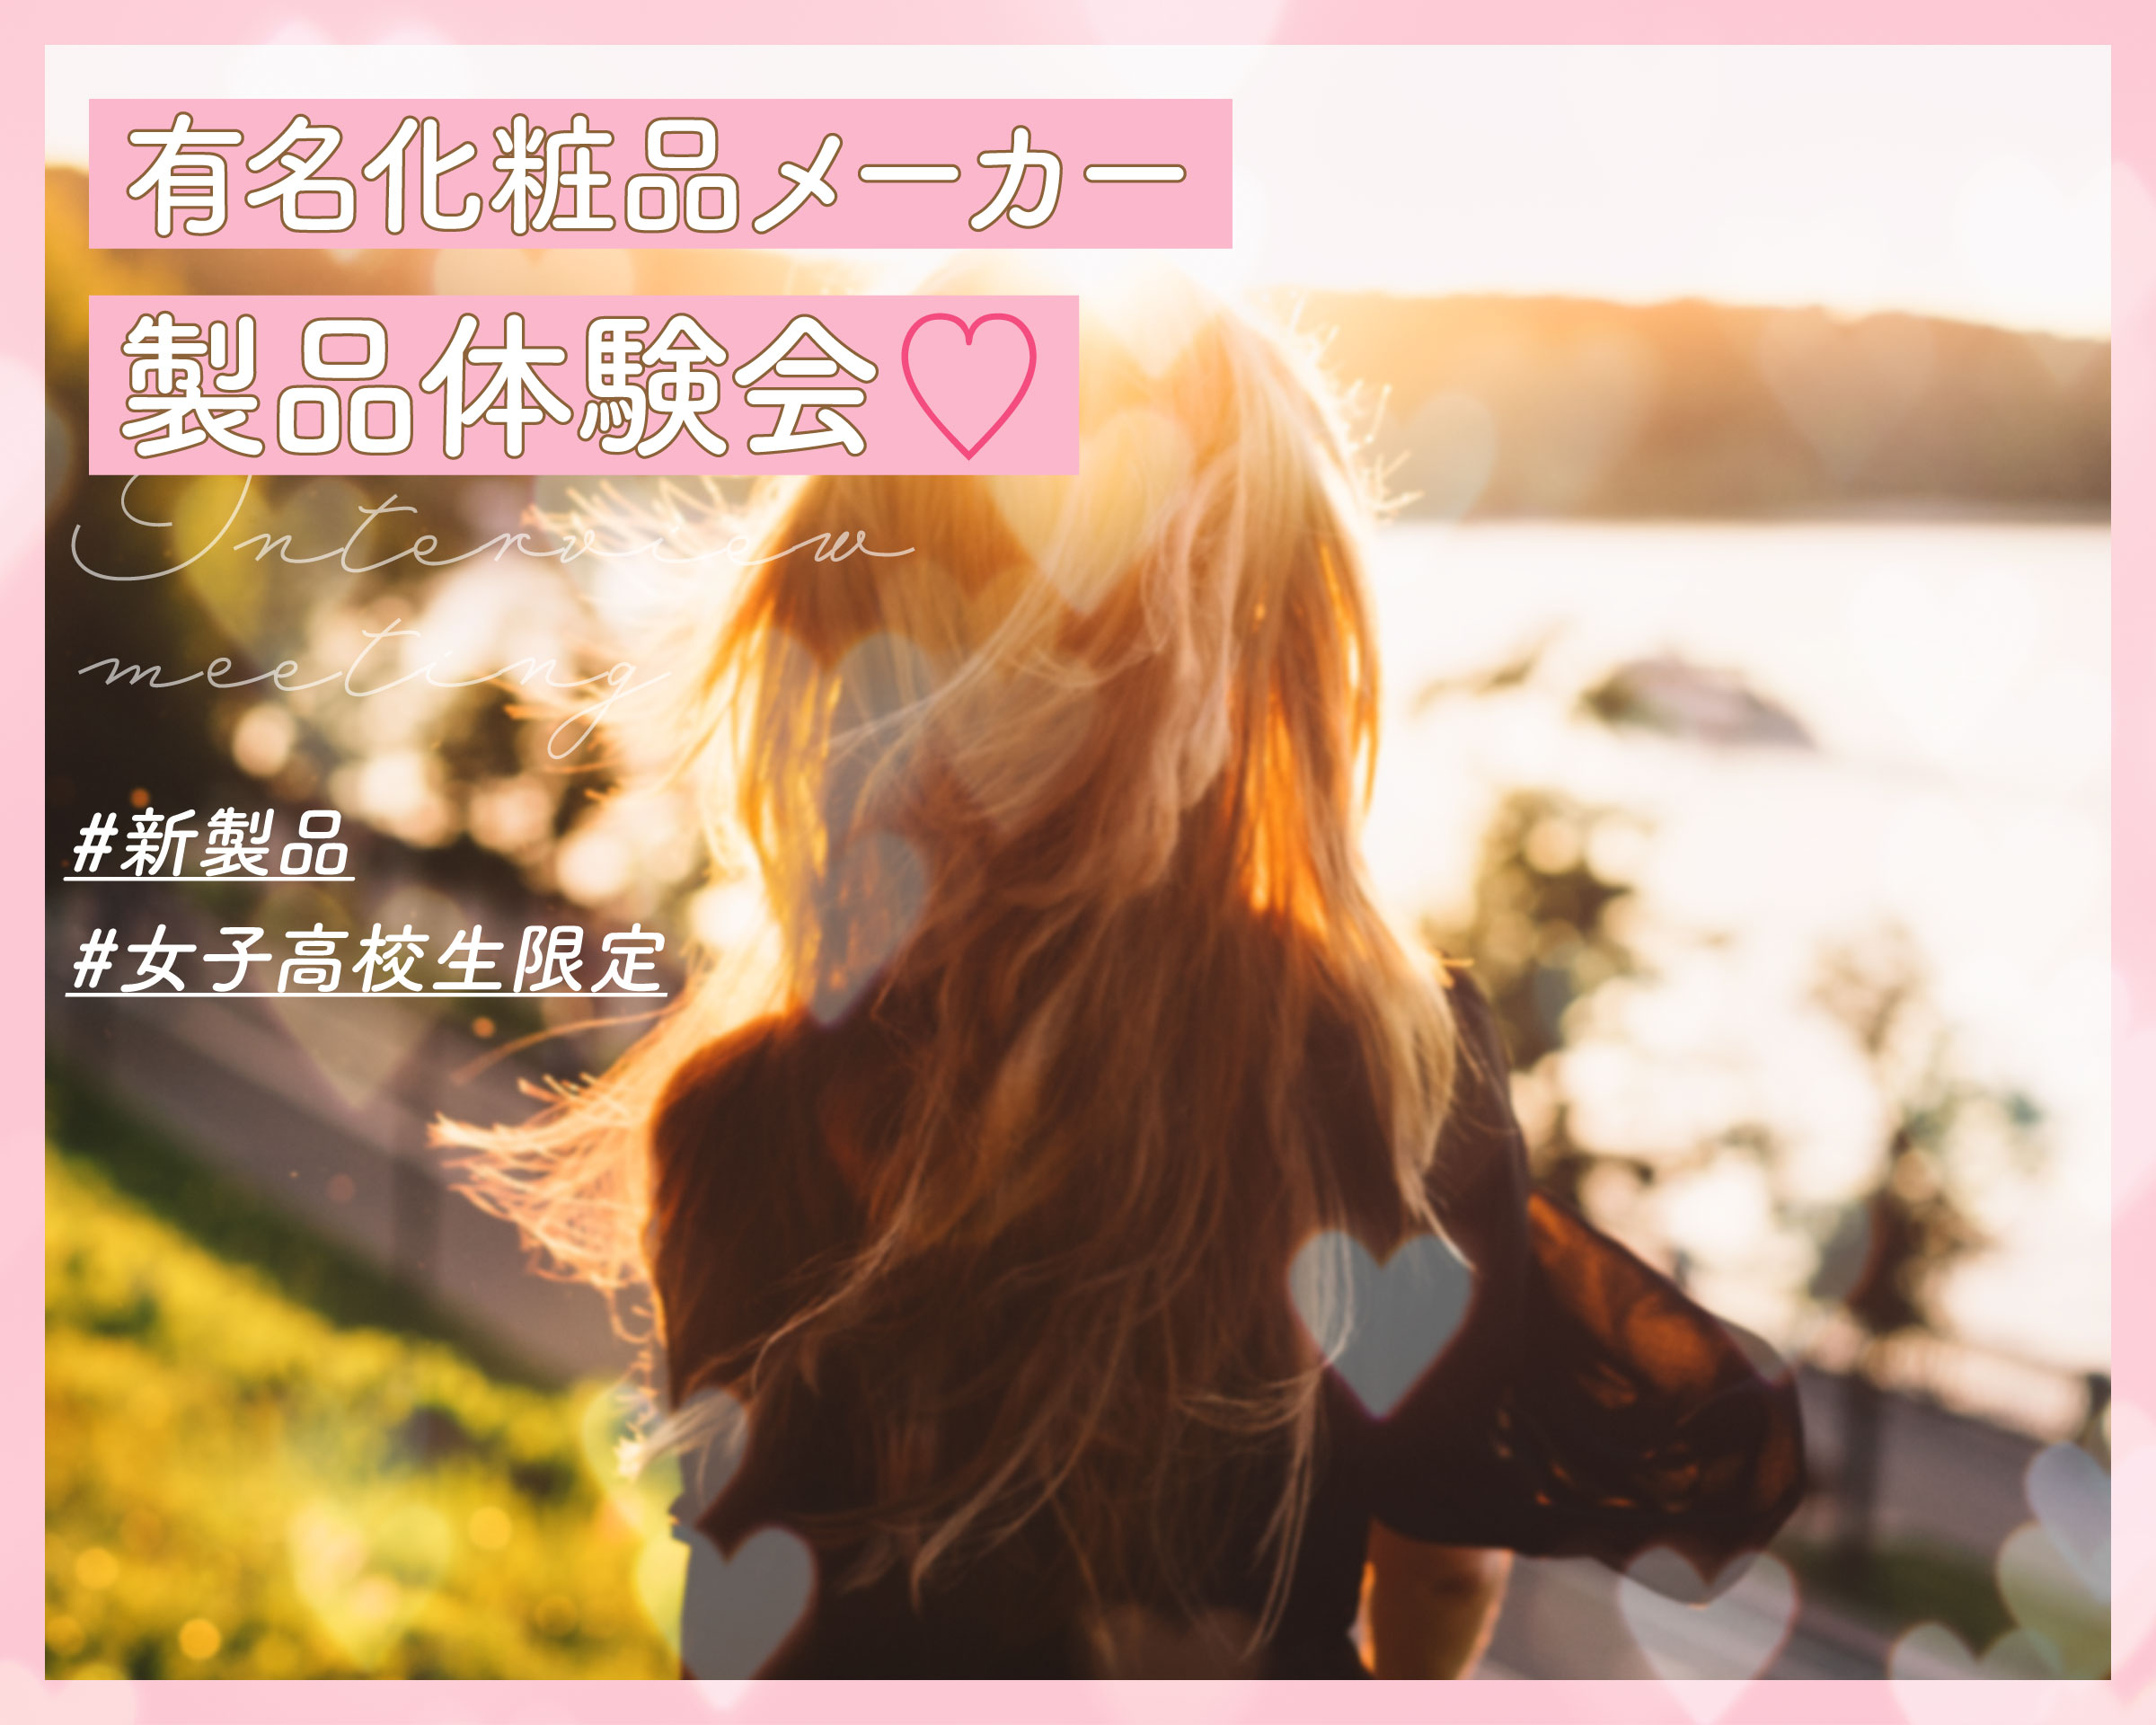 2/13 女子高校生限定【有名化粧品メーカーのマーケティングを体験!】化粧品体験&交流会